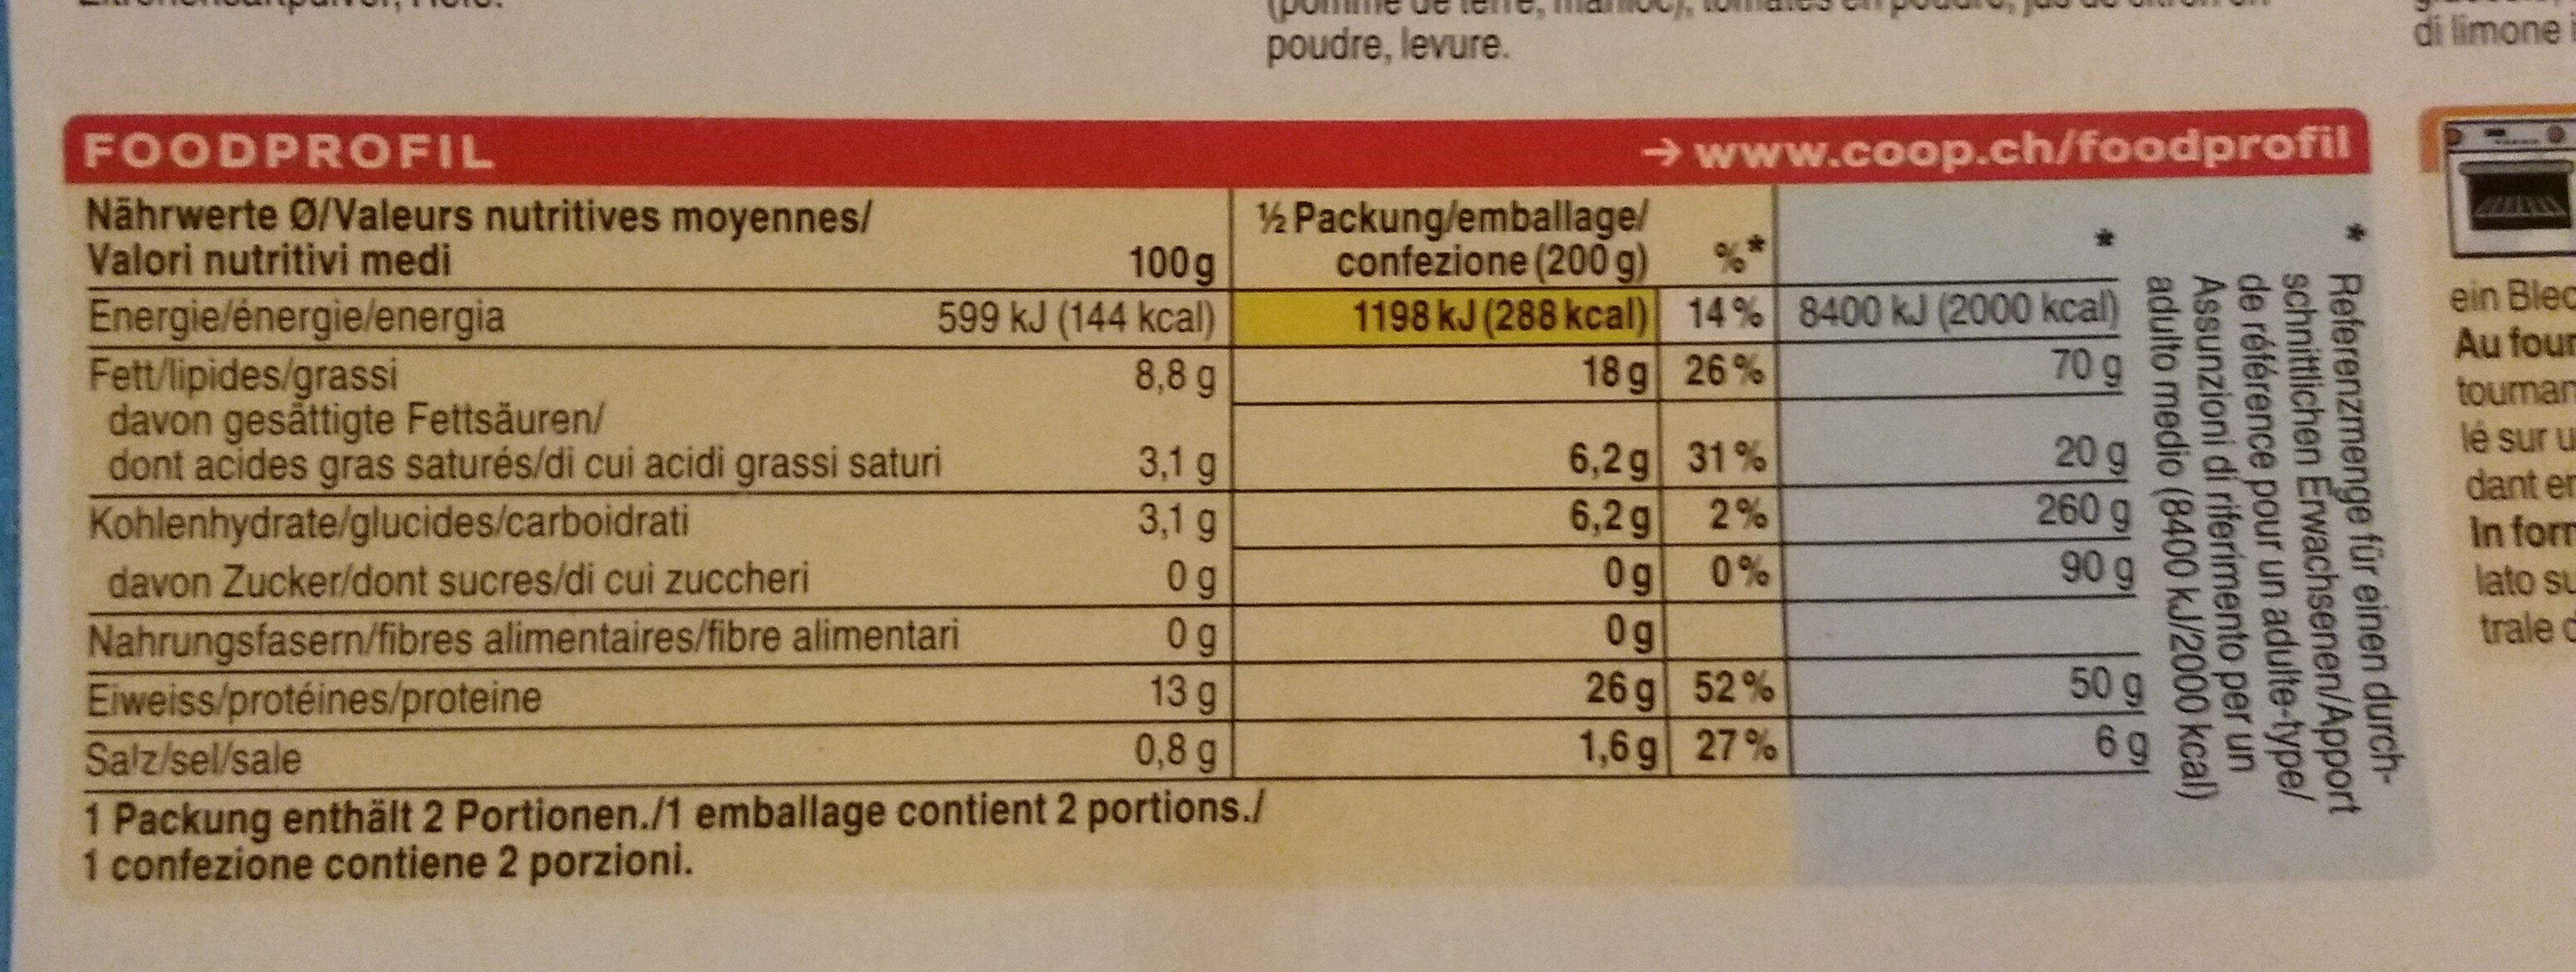 Poisson au four provençale - Informations nutritionnelles